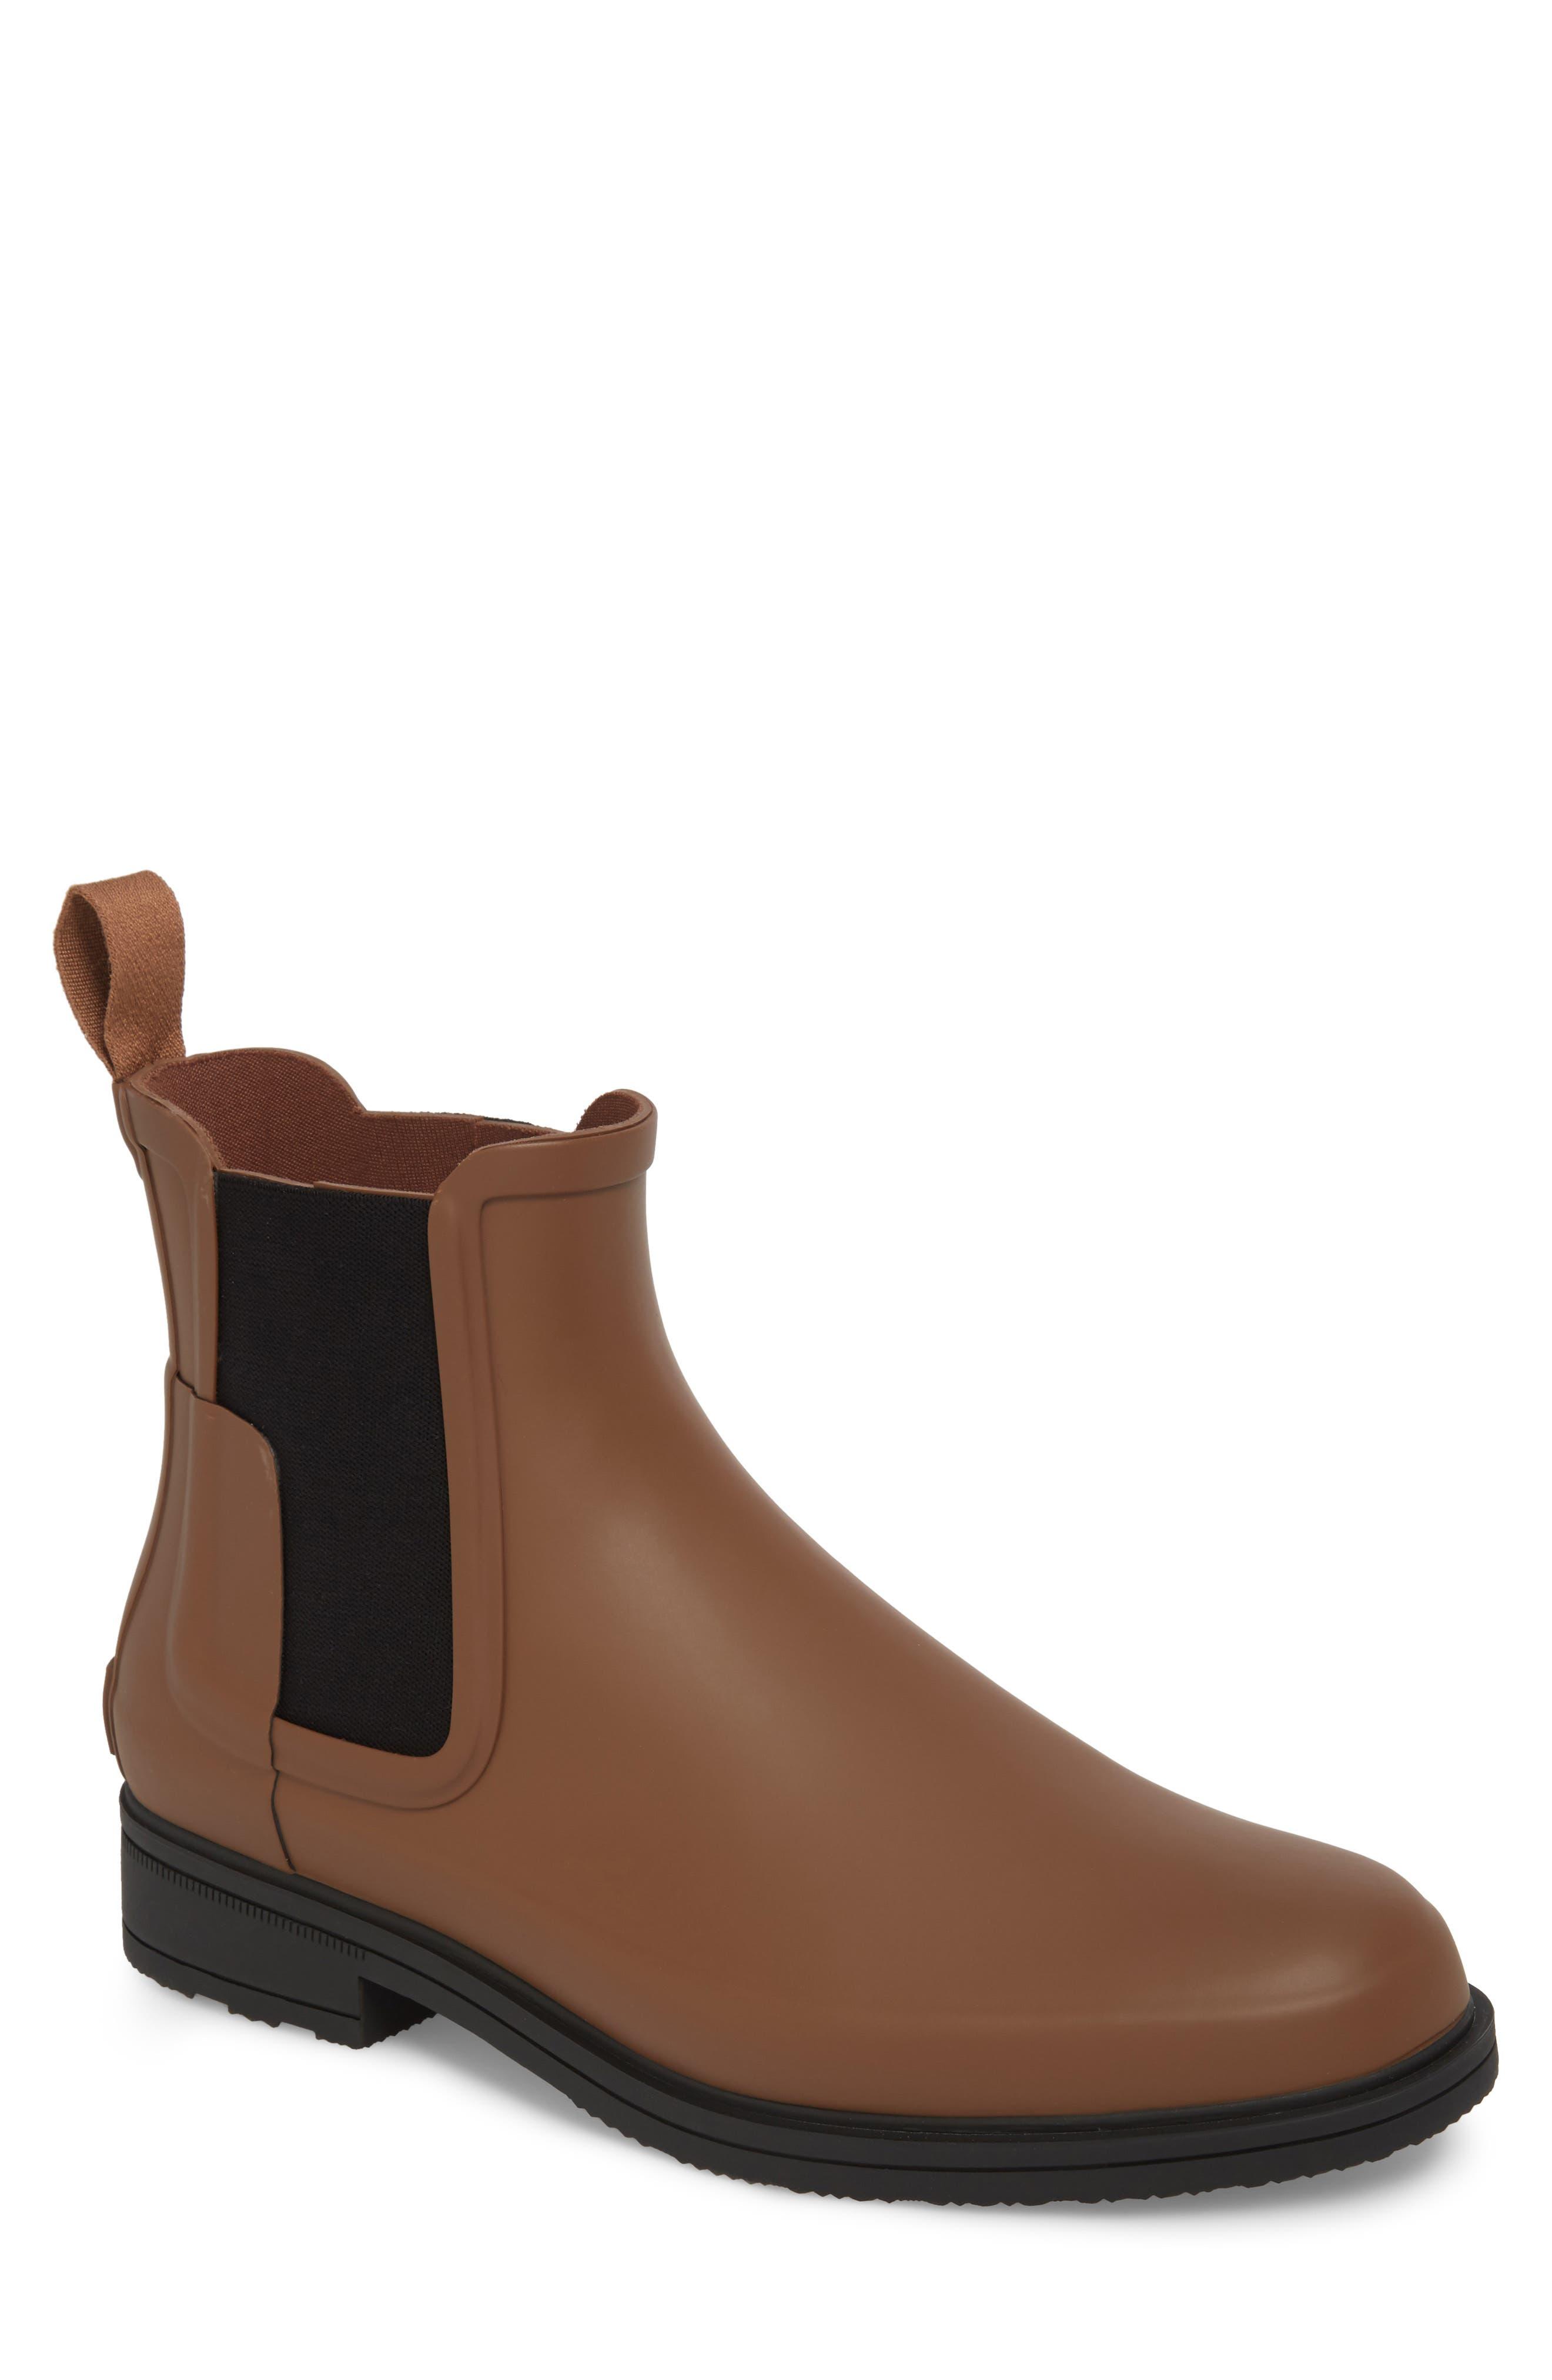 Original Refined Waterproof Chelsea Boot,                         Main,                         color, Soil/ Black